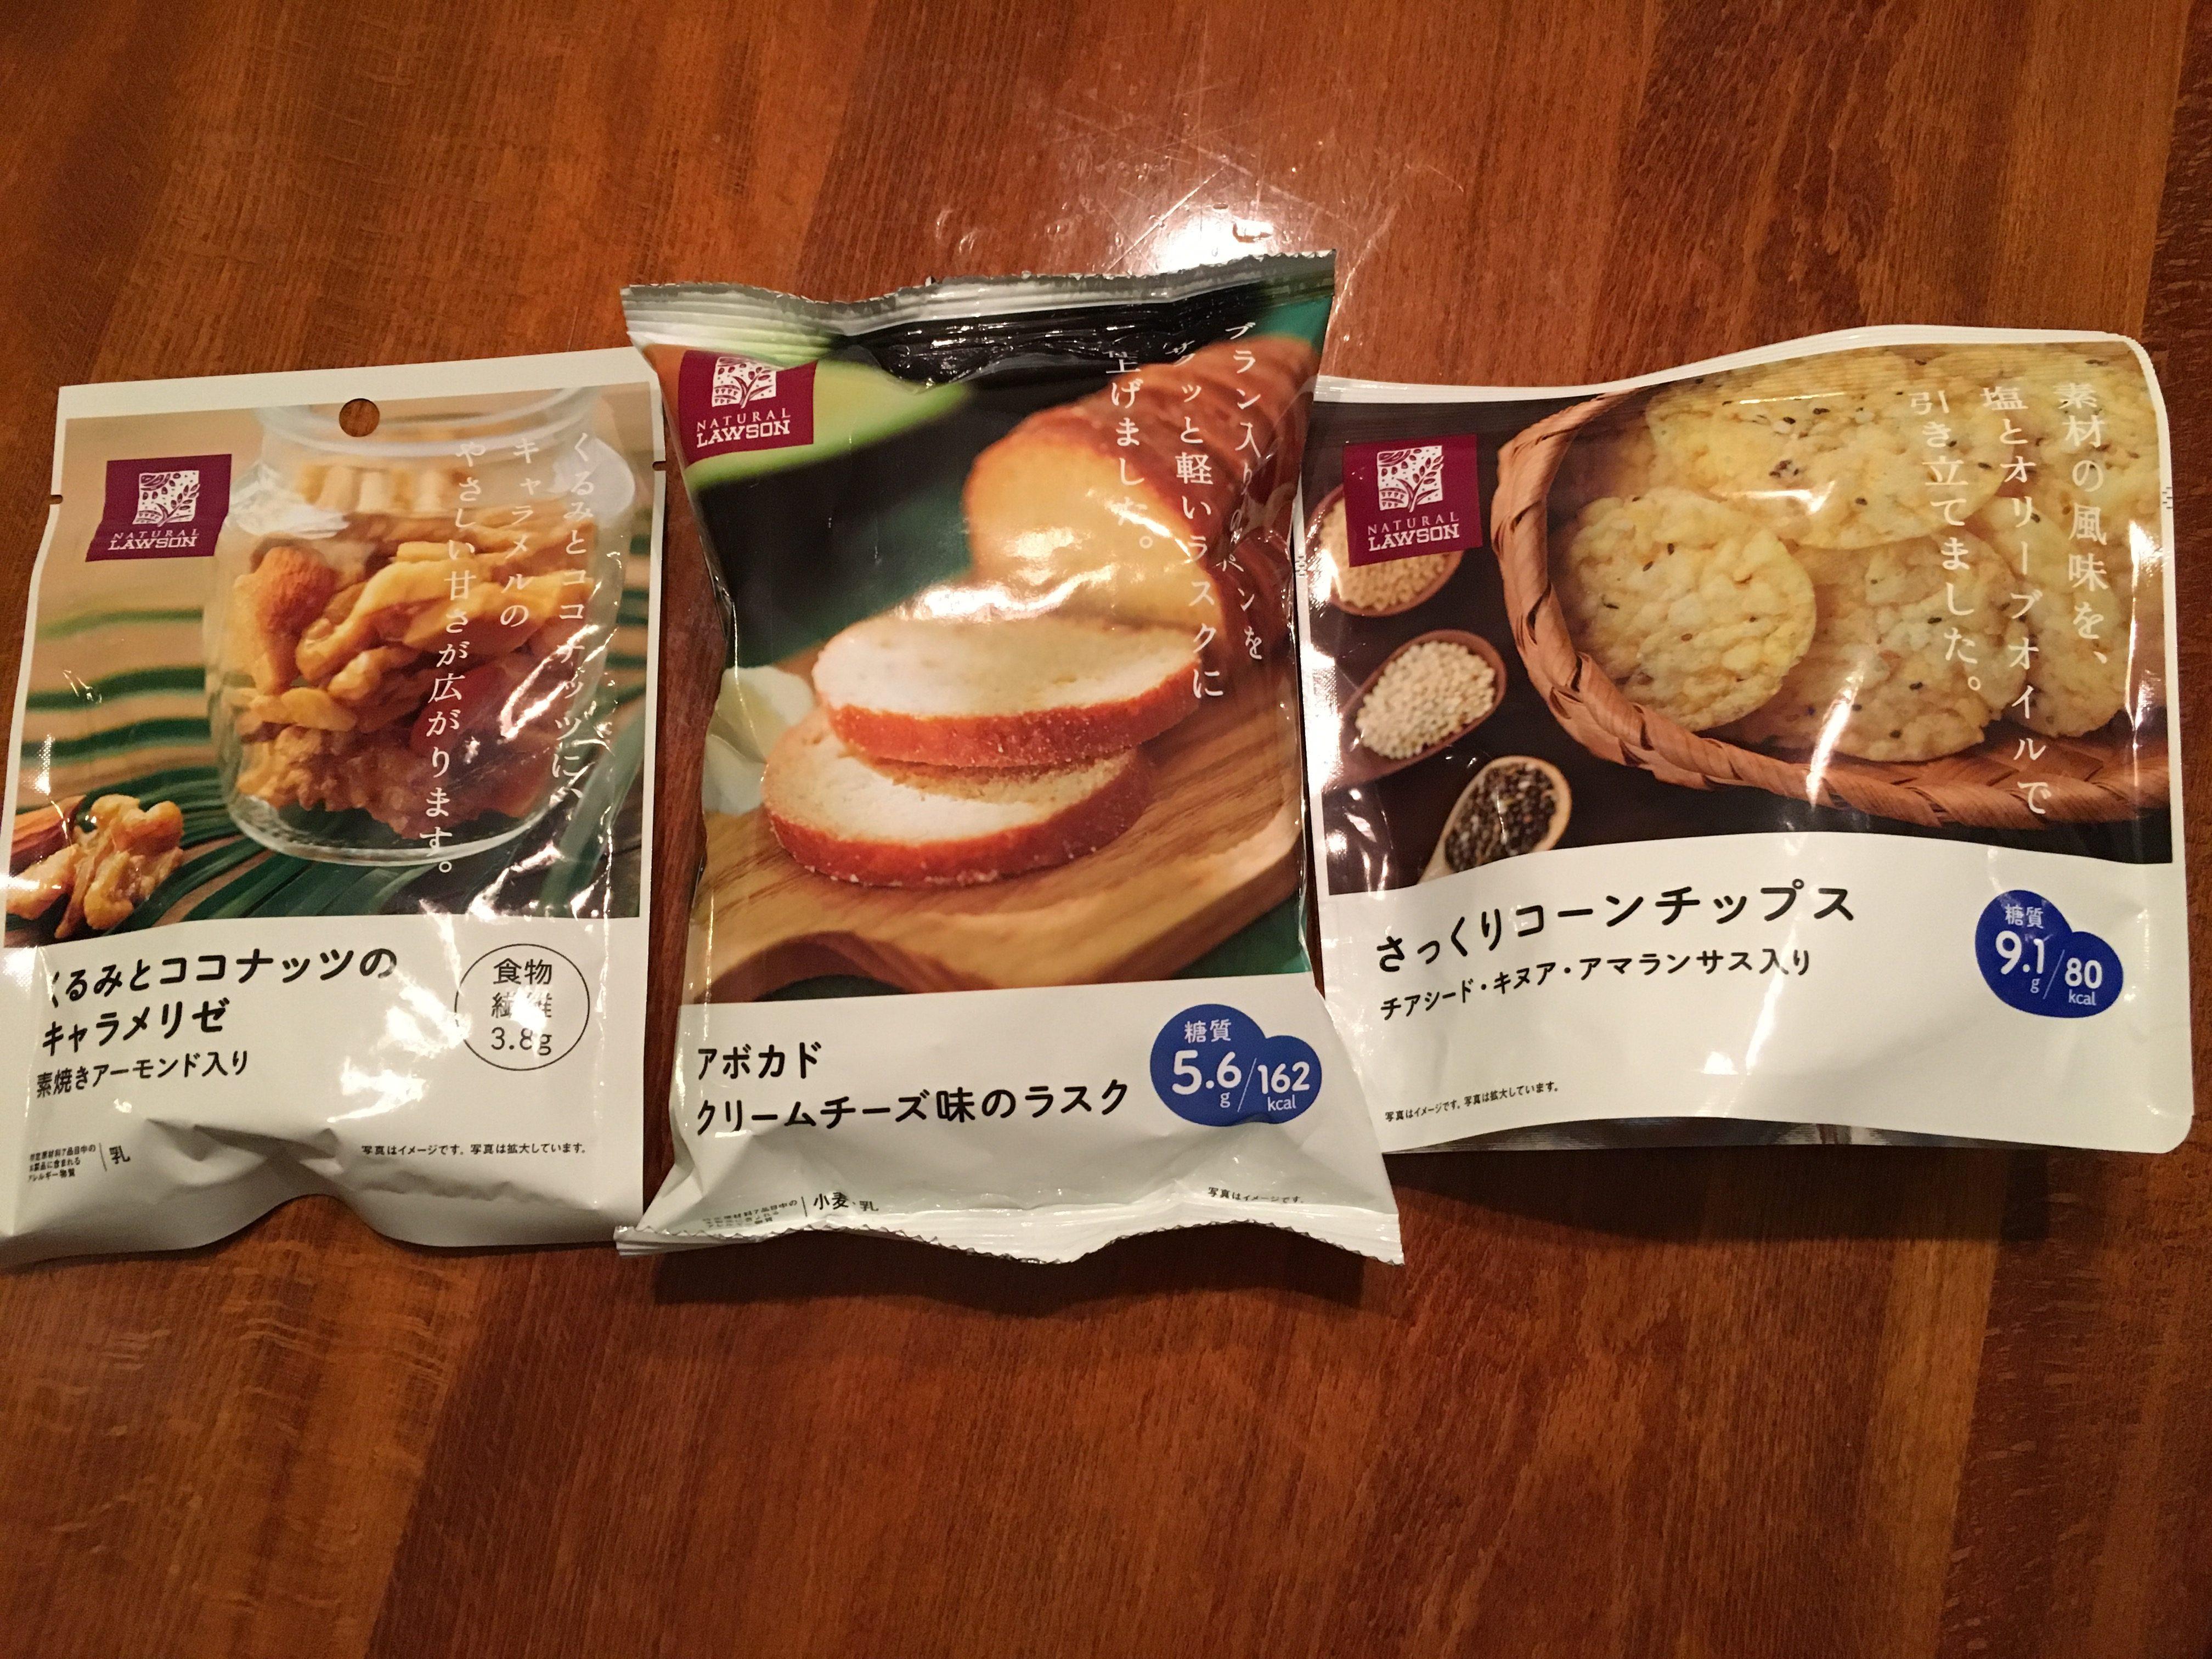 ナチュラルローソンシリーズのスナック菓子が凄い!美味しく健康志向。